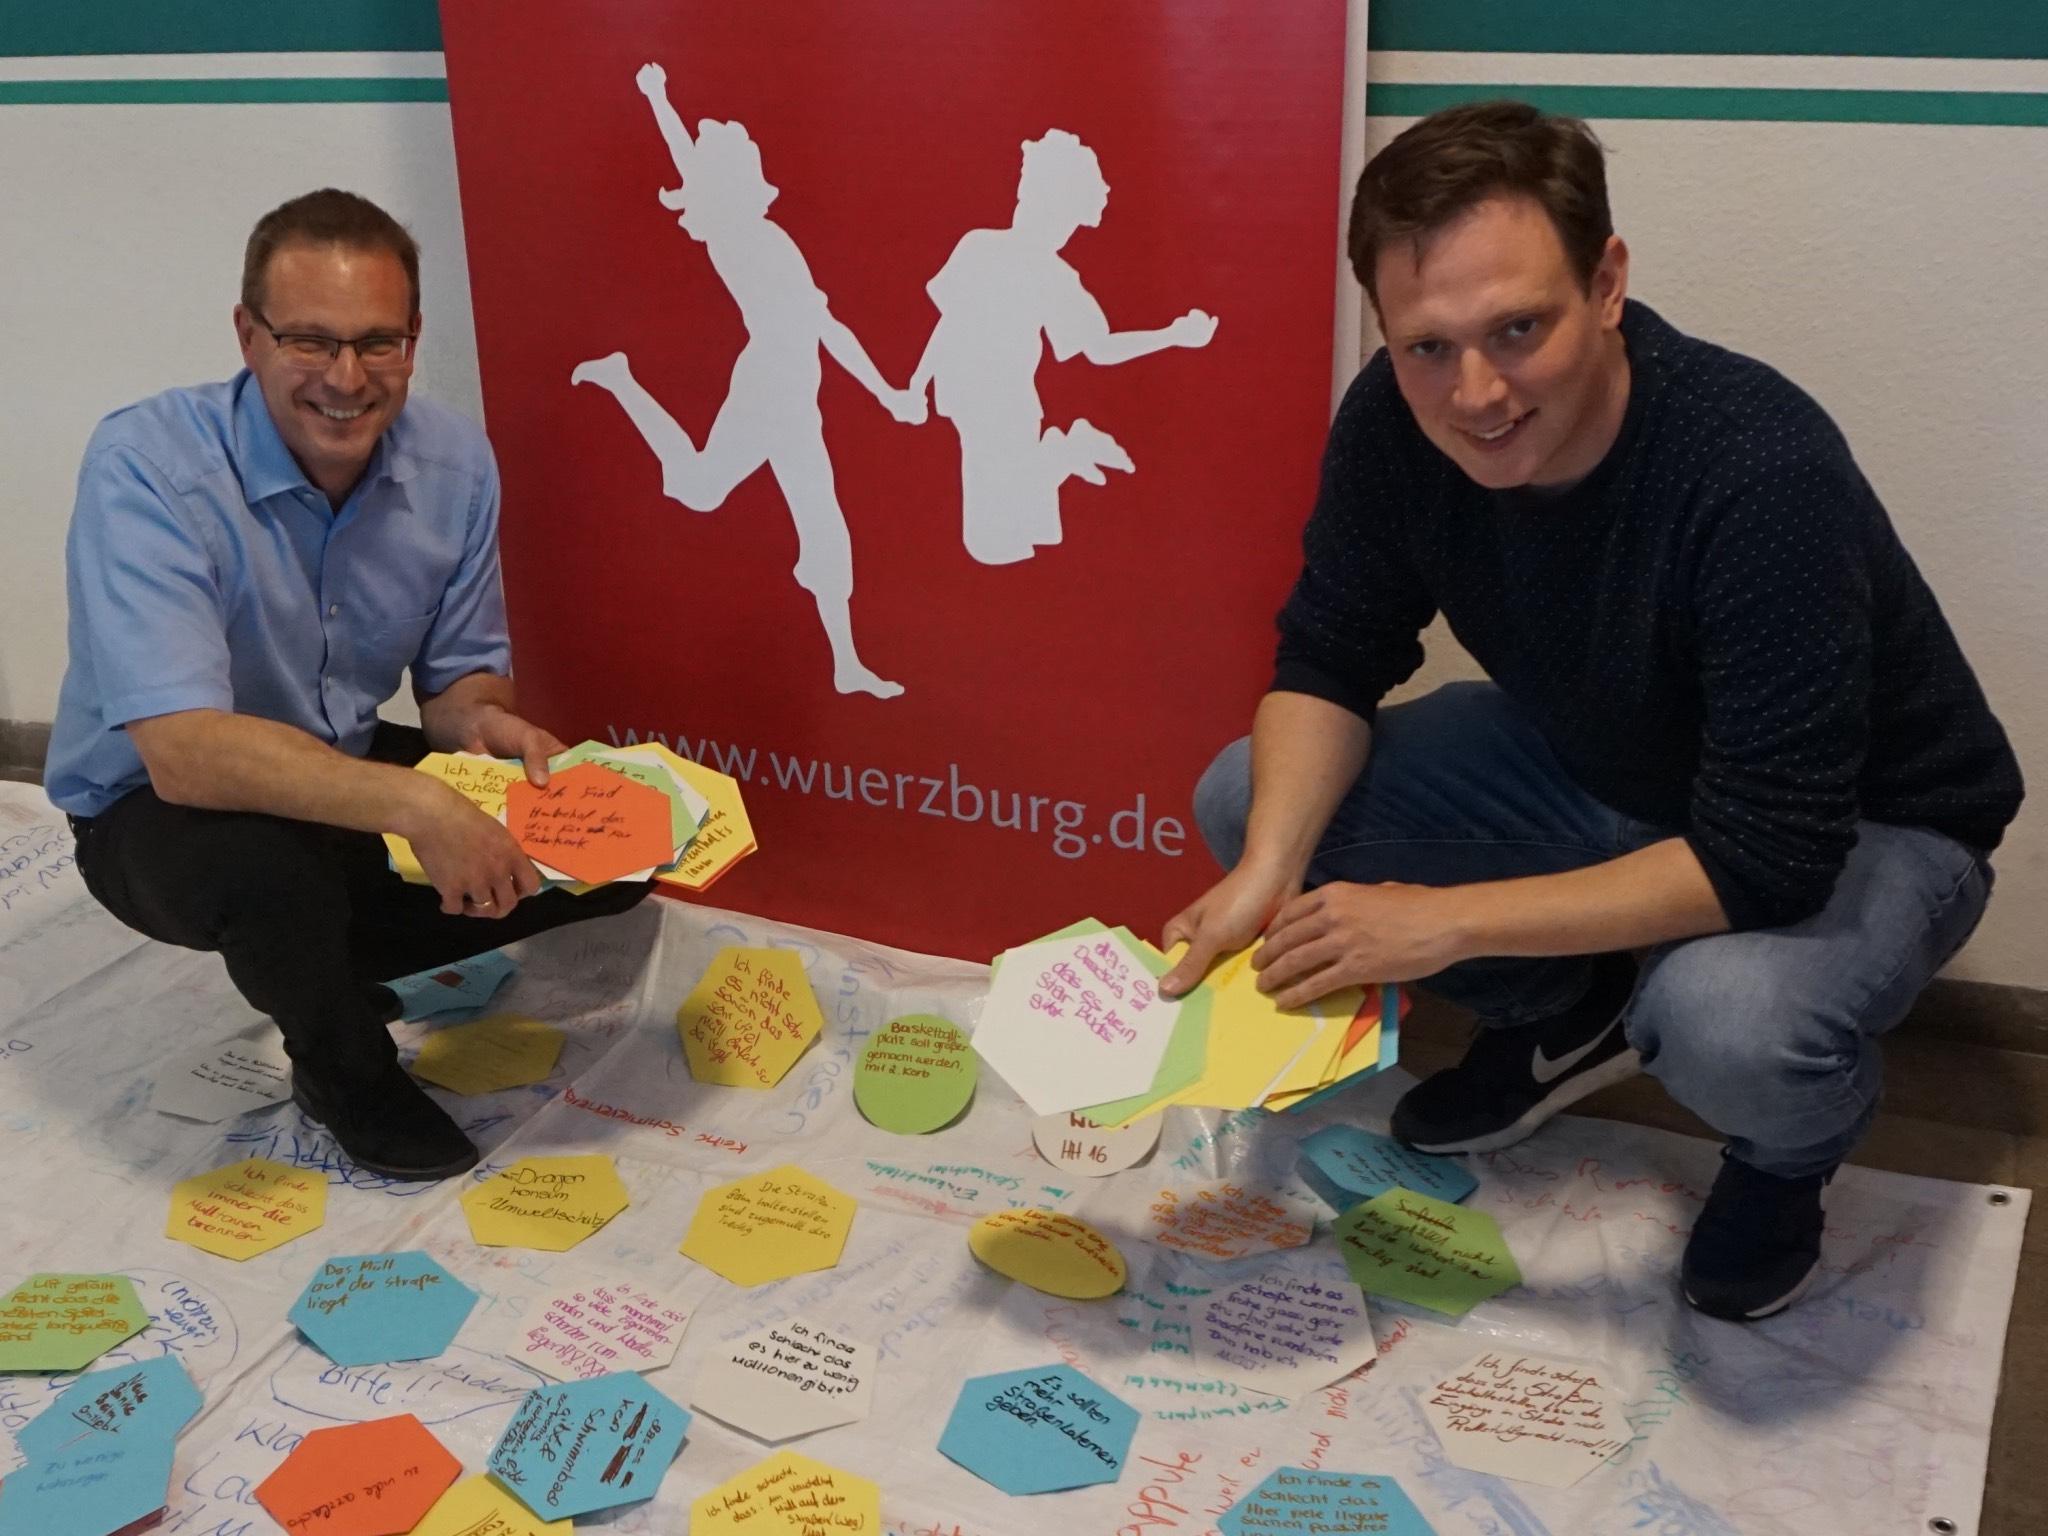 Andreas Kaiser und Felix Hofmann bei der Auswertung der Meinungen. Foto: Stadt Würzburg